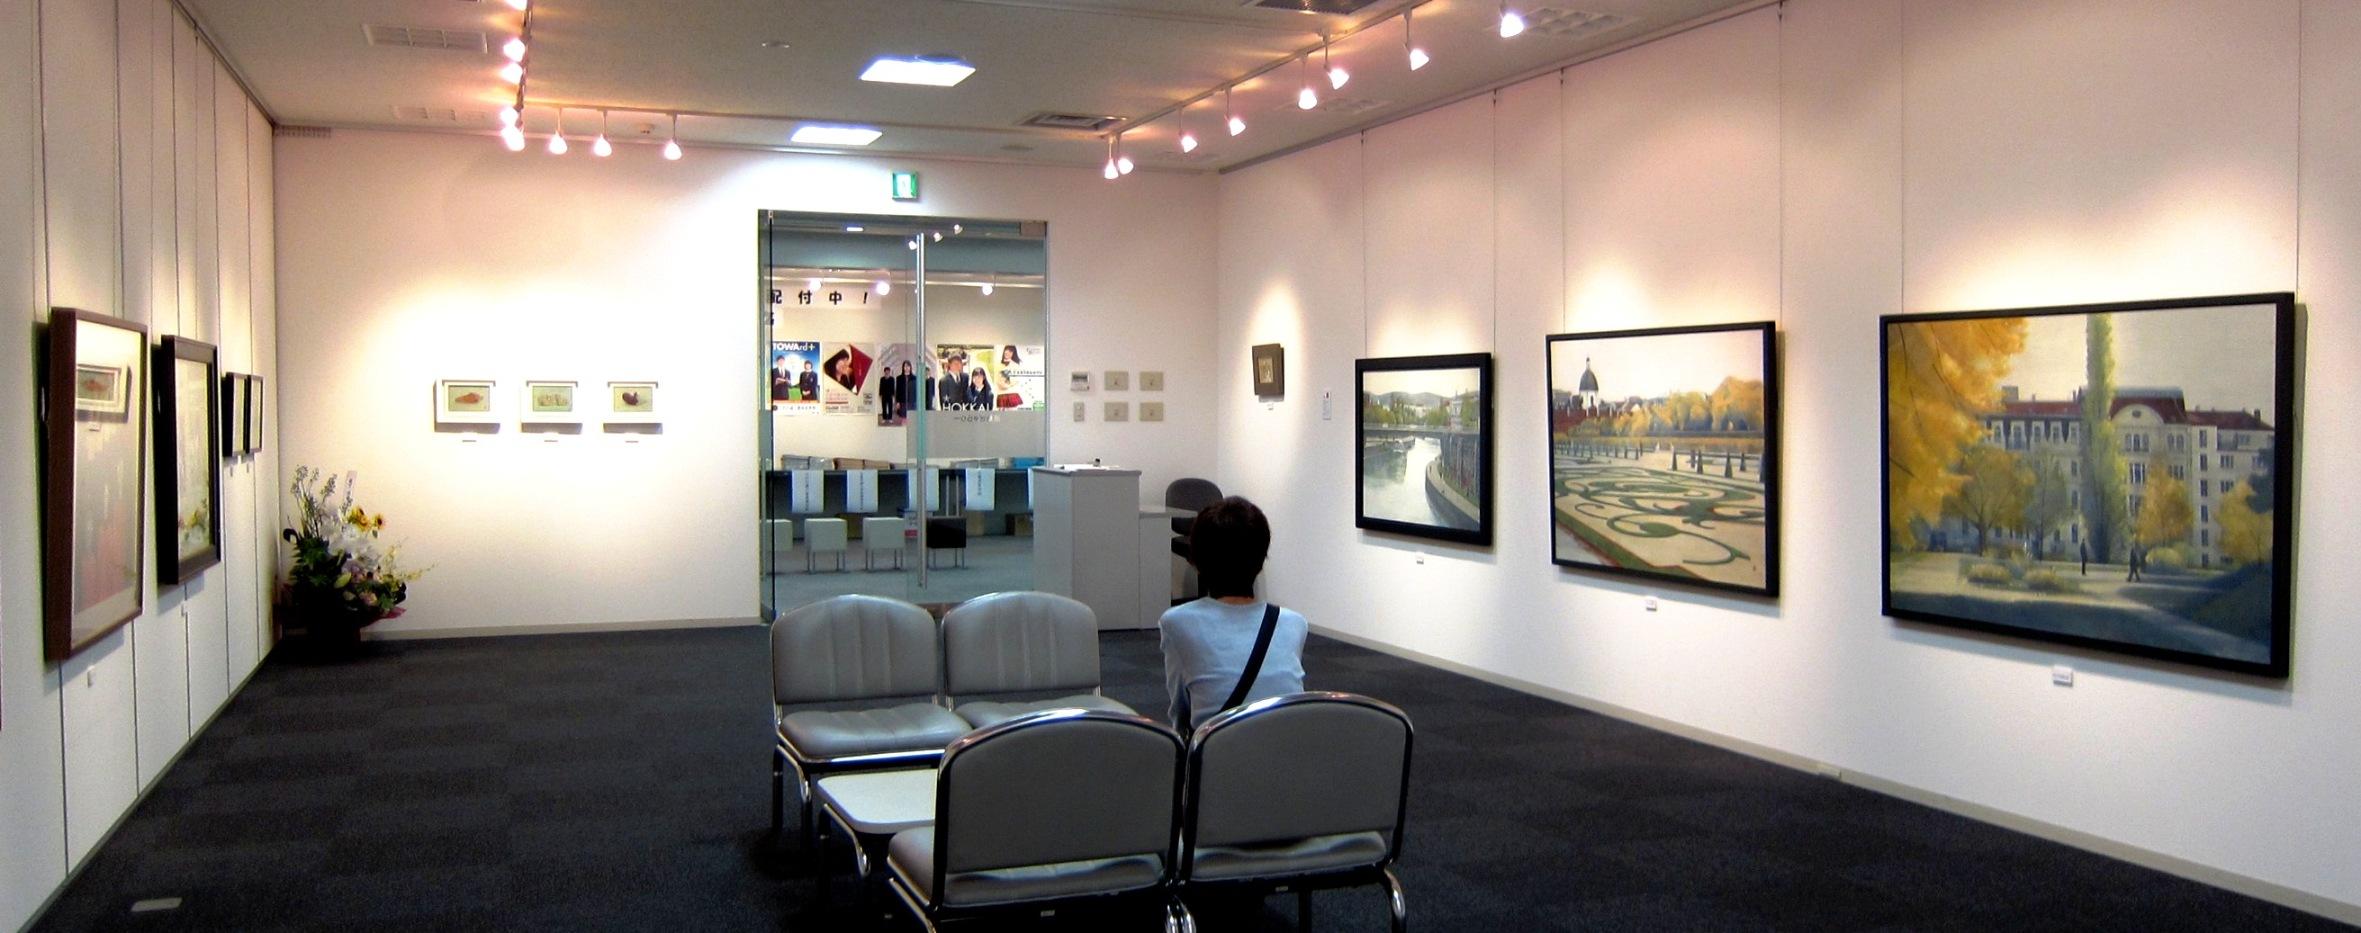 2165) 「伊藤洋子展」 道新g. 8月22日(木)~8月27日(火)_f0126829_20383961.jpg